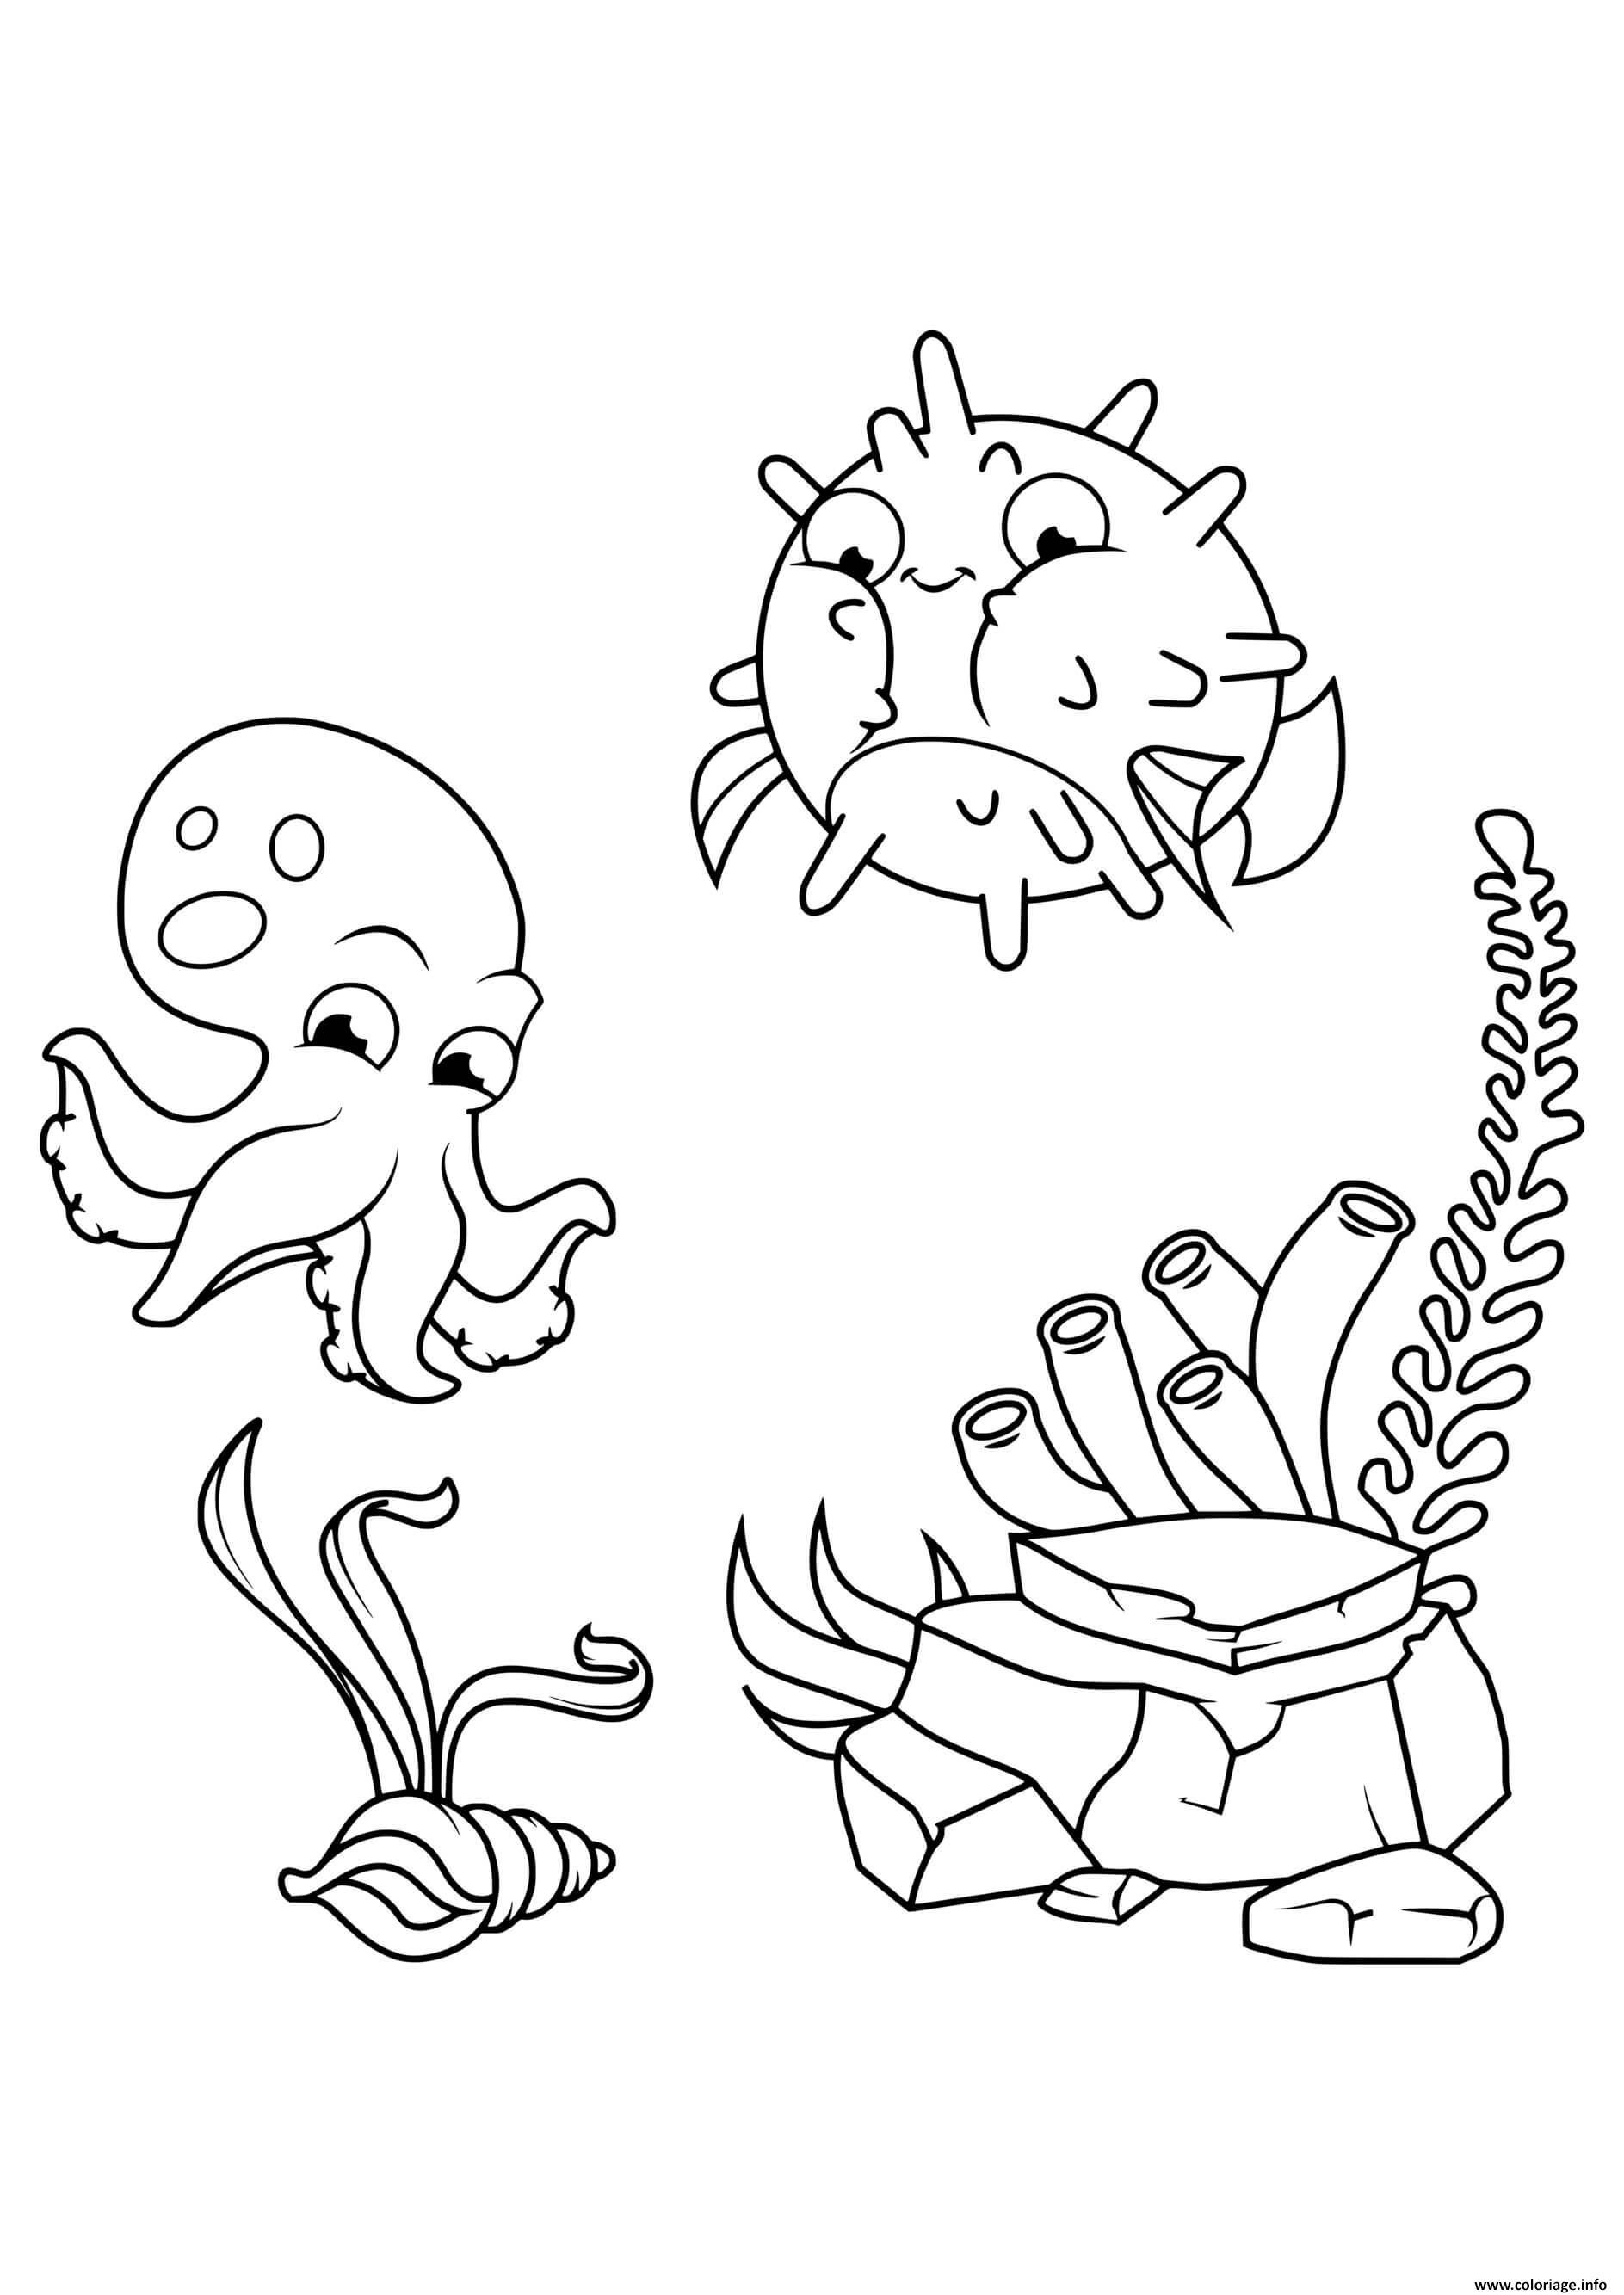 Dessin la rencontre du poisson et pieuvre Coloriage Gratuit à Imprimer